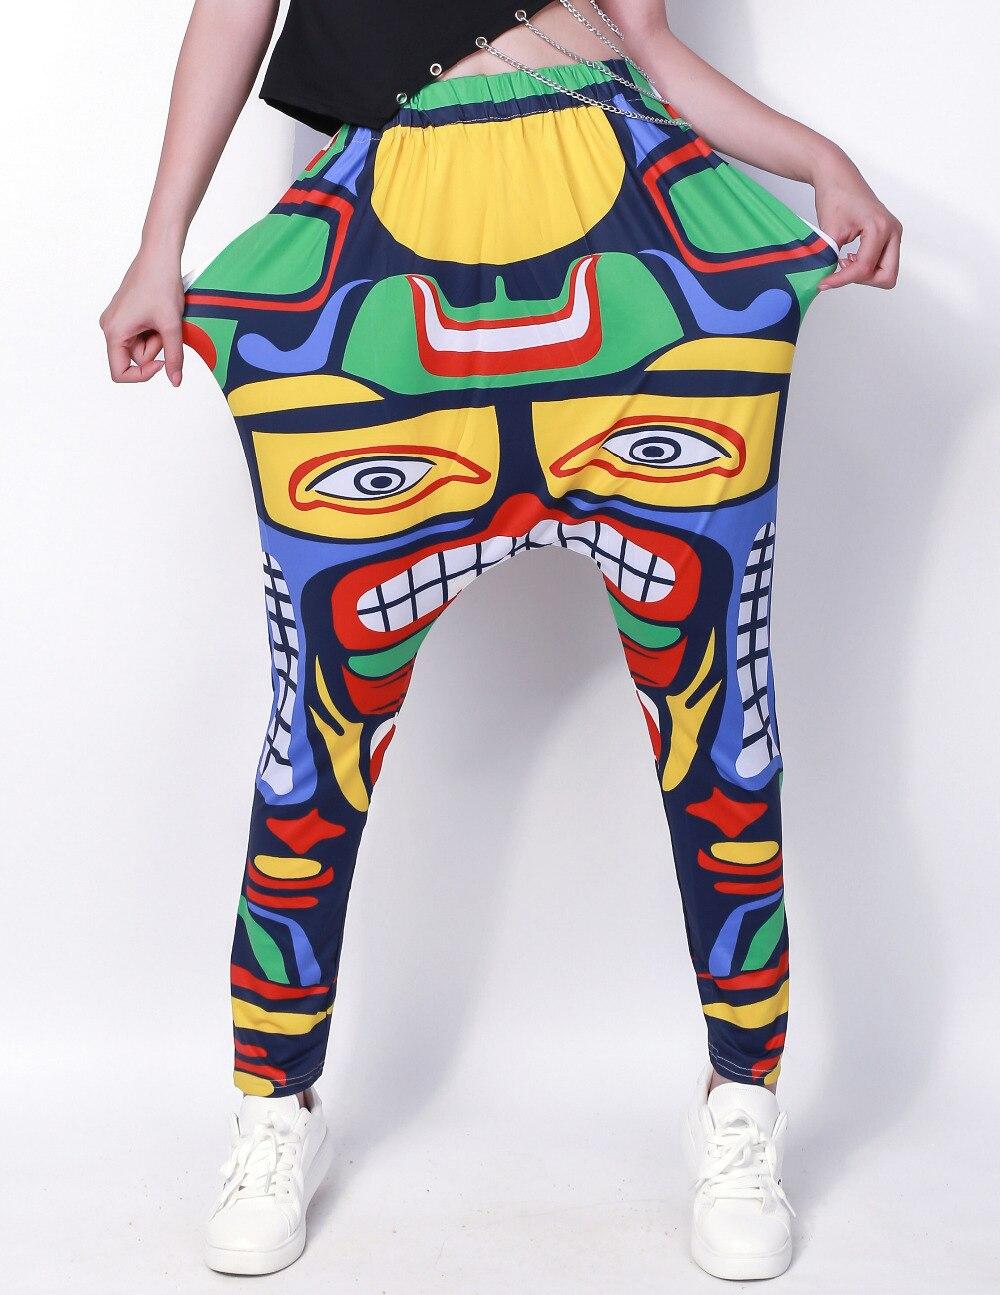 Adlut Enfants Multi couleur Symétrie pantalons de Survêtement Cinco de Mayo Costumes Tôlé Jamaïque Totem performance harem Hip Hop pantalon de Danse